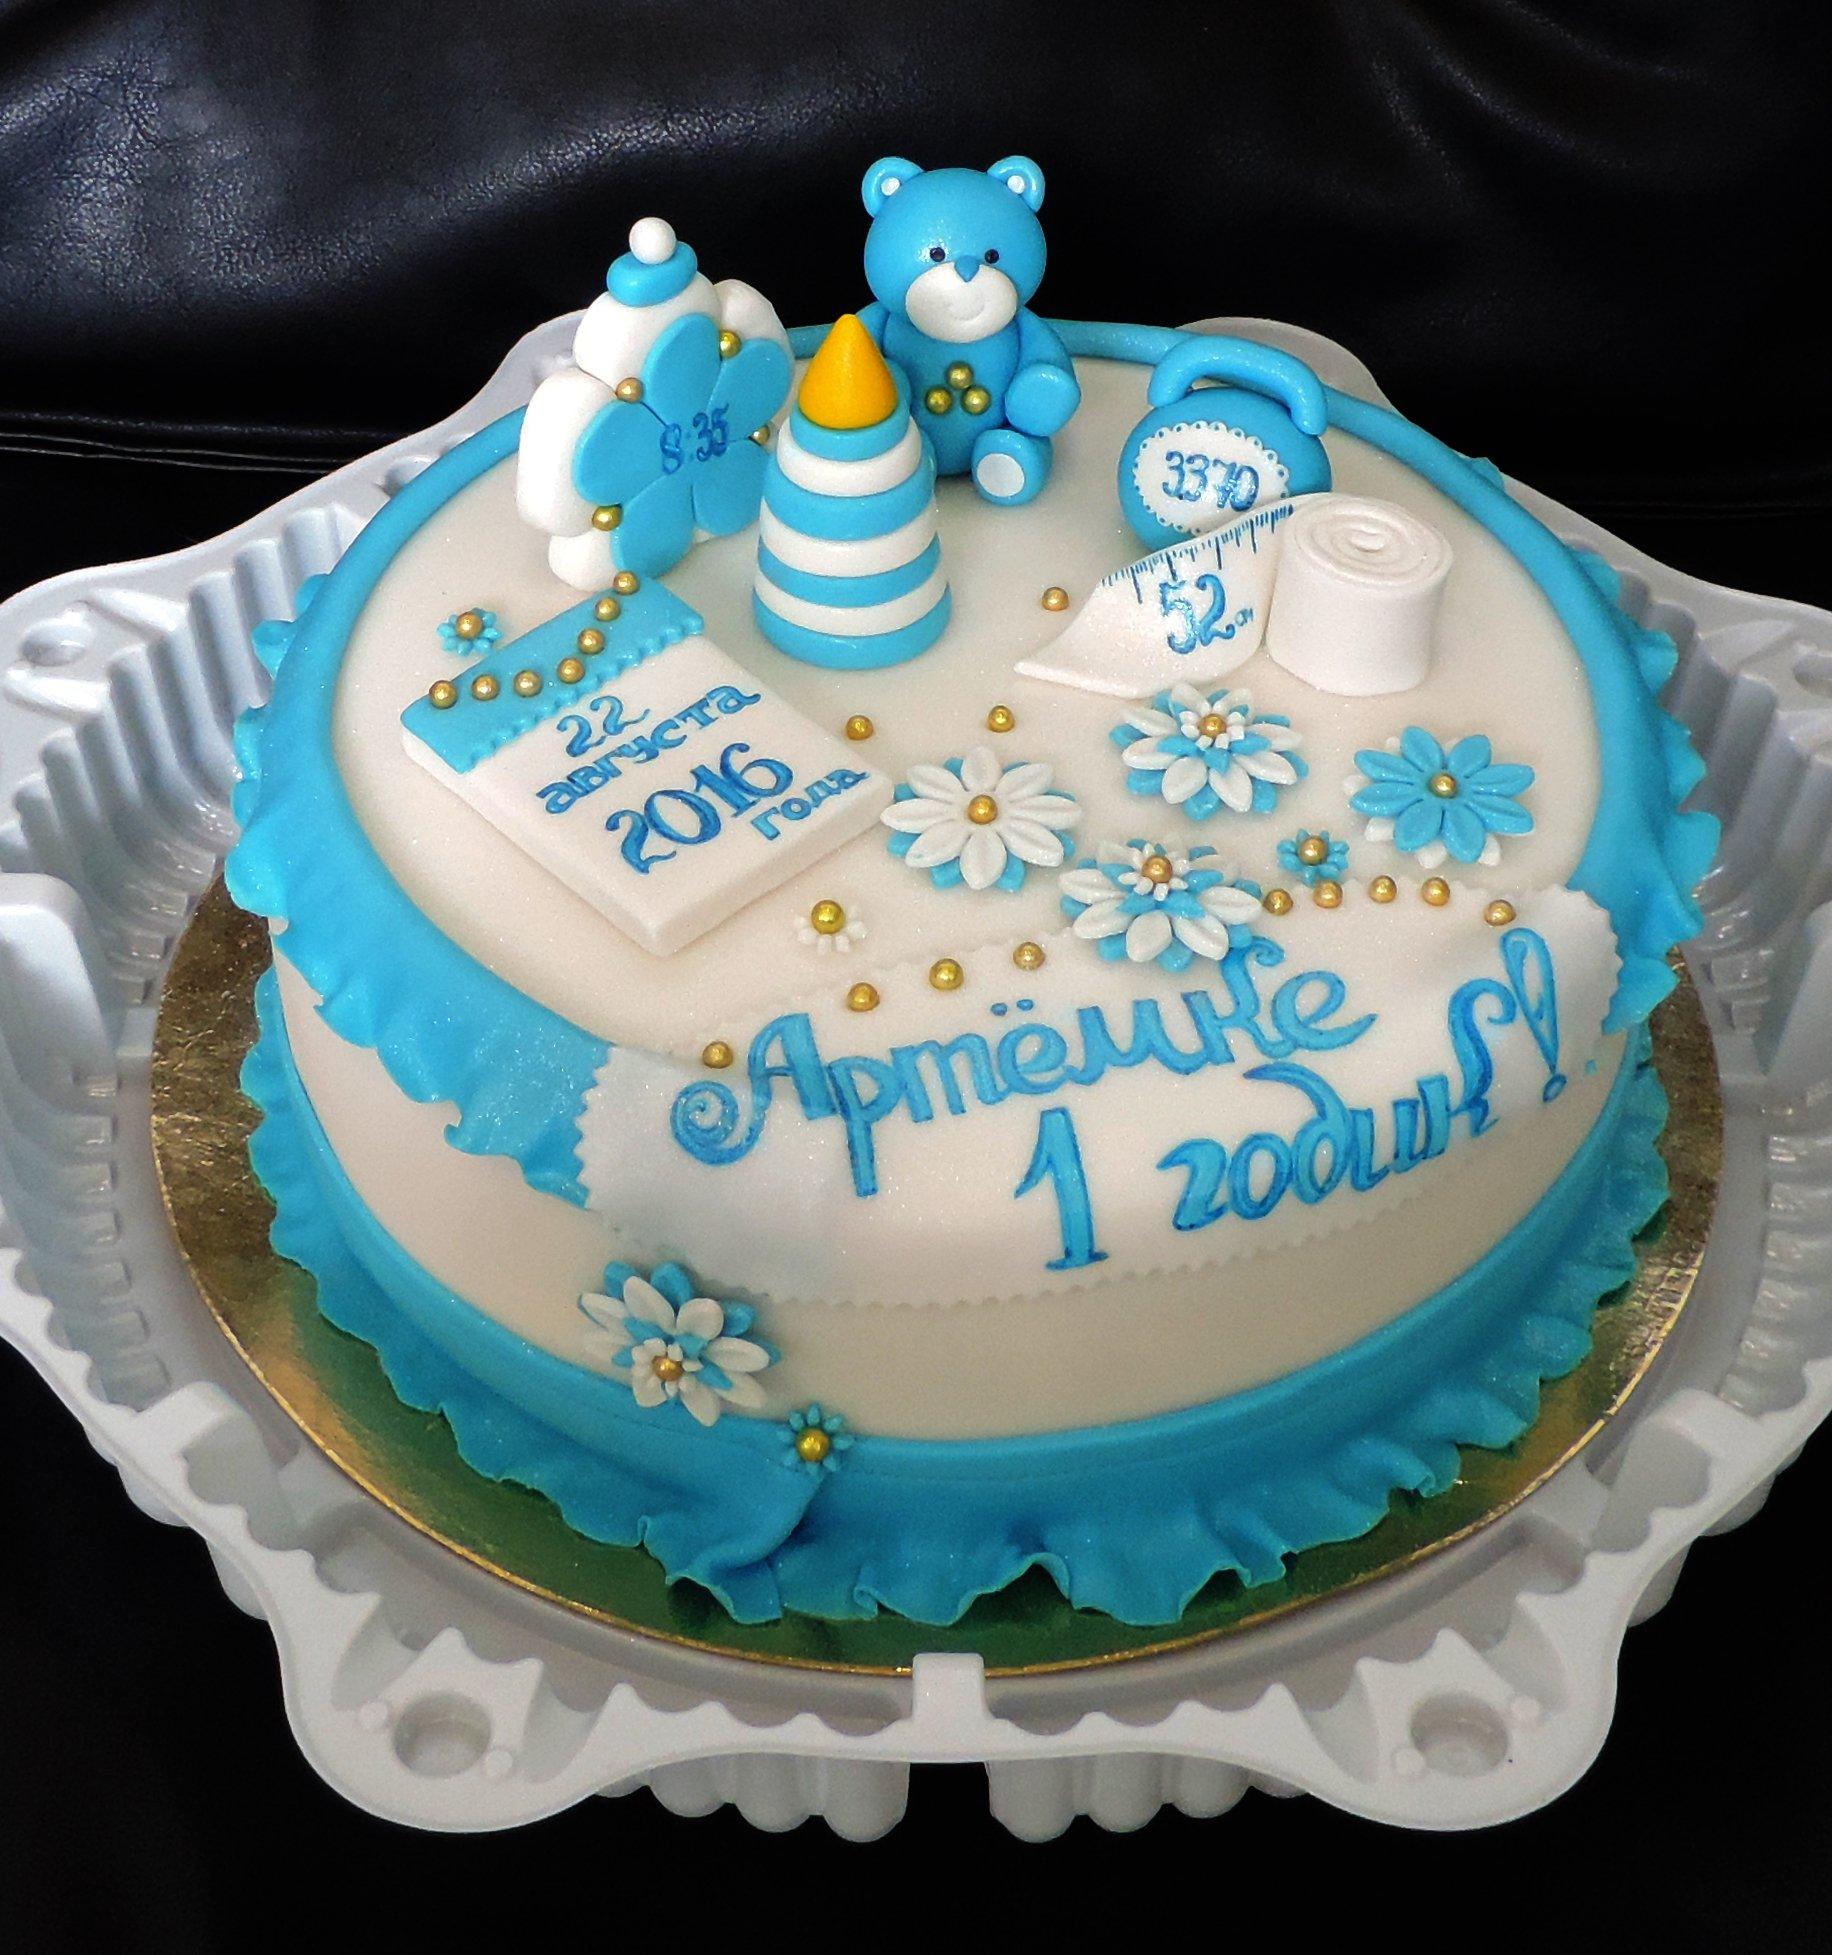 Картинка на годик мальчику на торт, днем рождения подруг